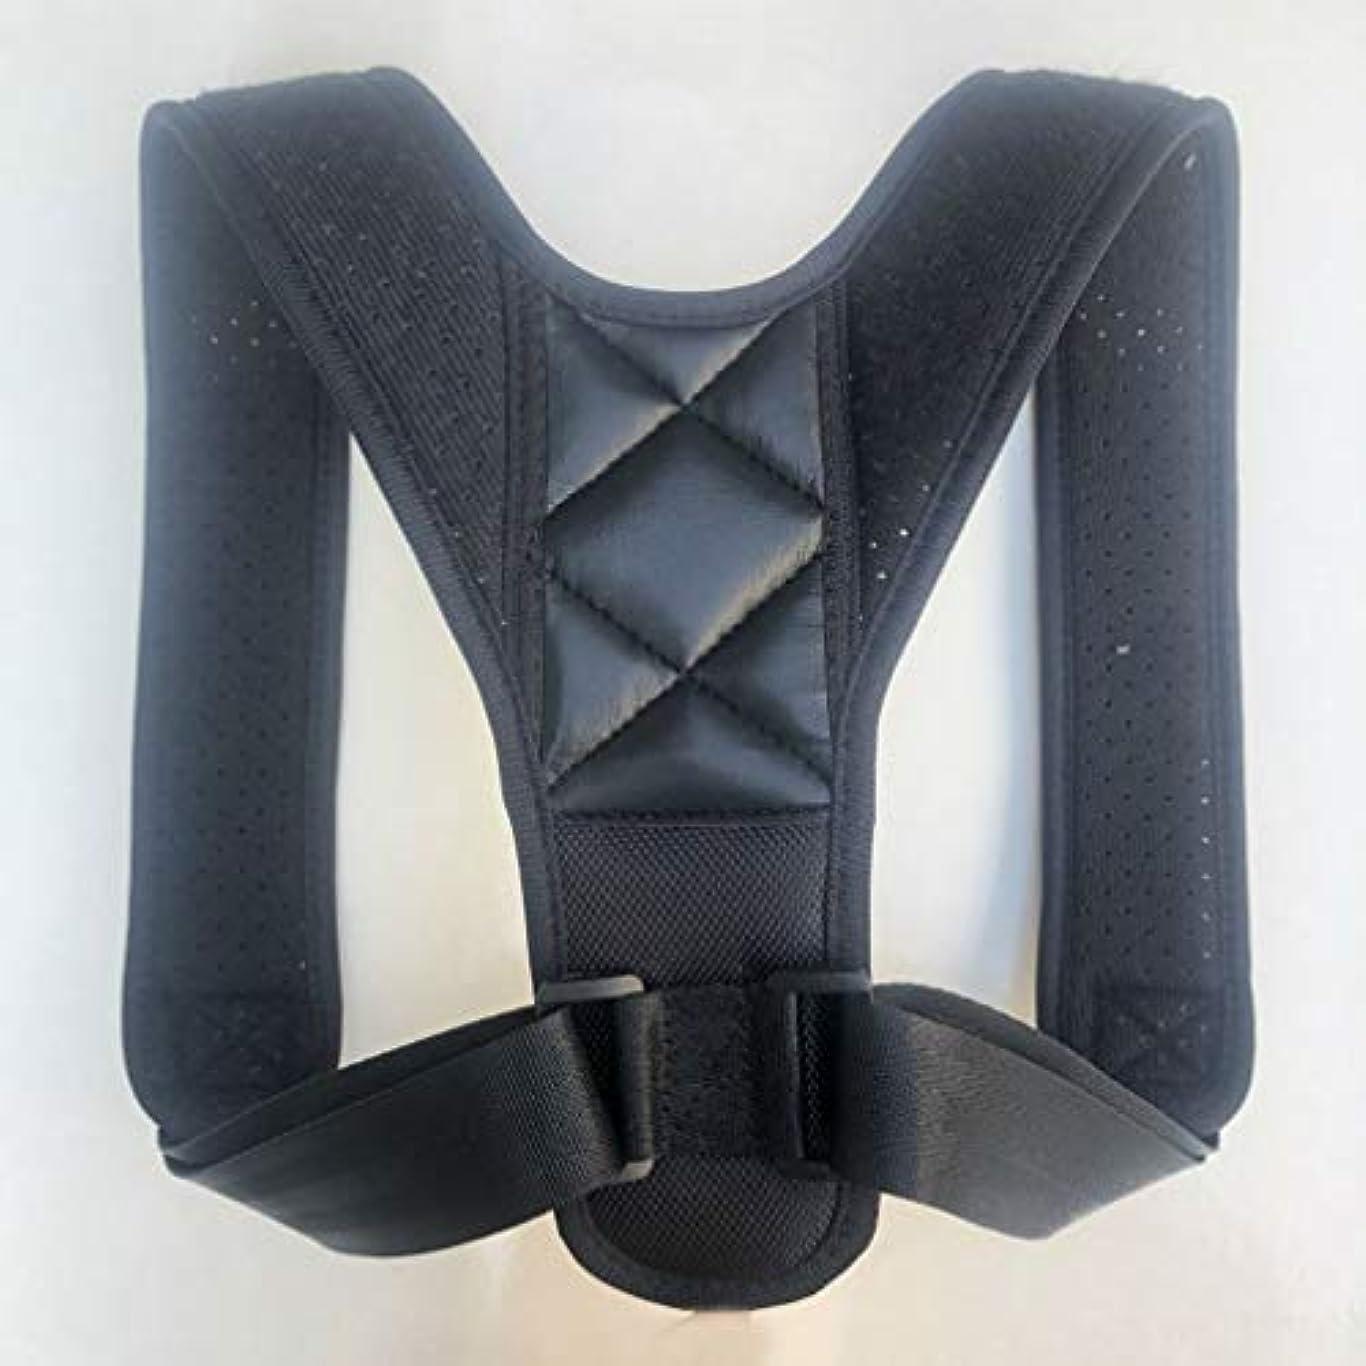 パフ無心物語Upper Back Posture Corrector Posture Clavicle Support Corrector Back Straight Shoulders Brace Strap Corrector